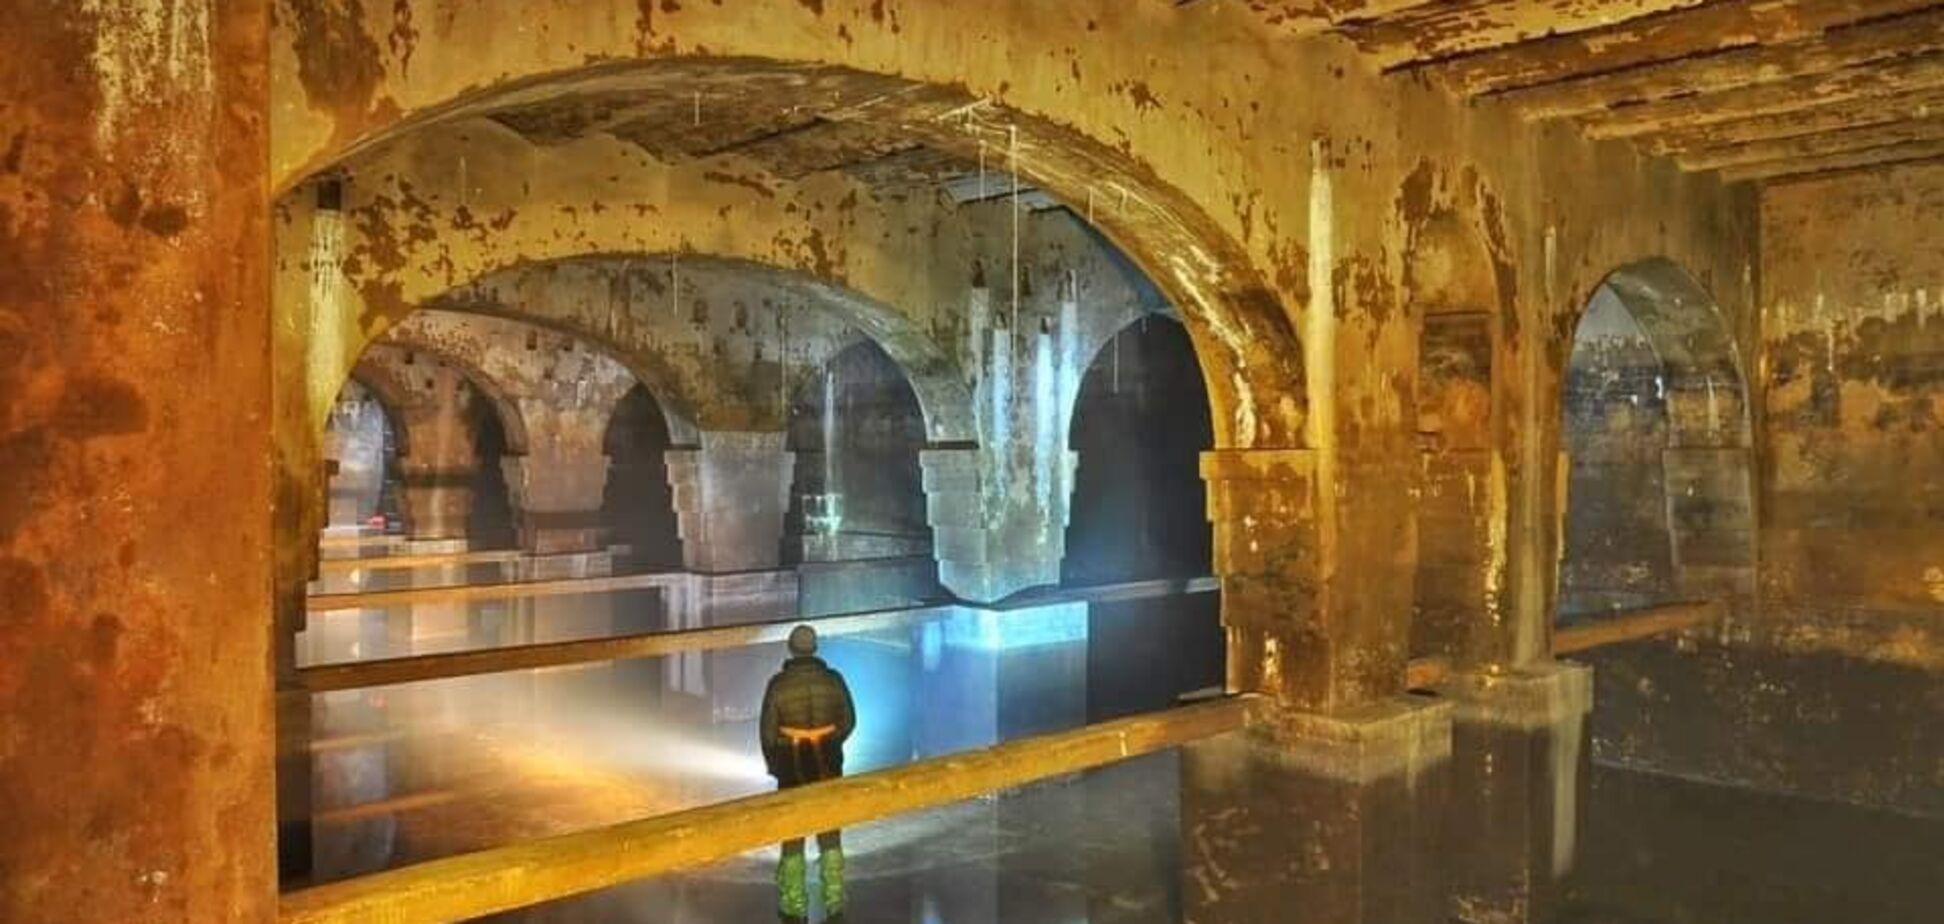 Гігантська підземна споруда розташована всього за кілька кроків від Хрещатика